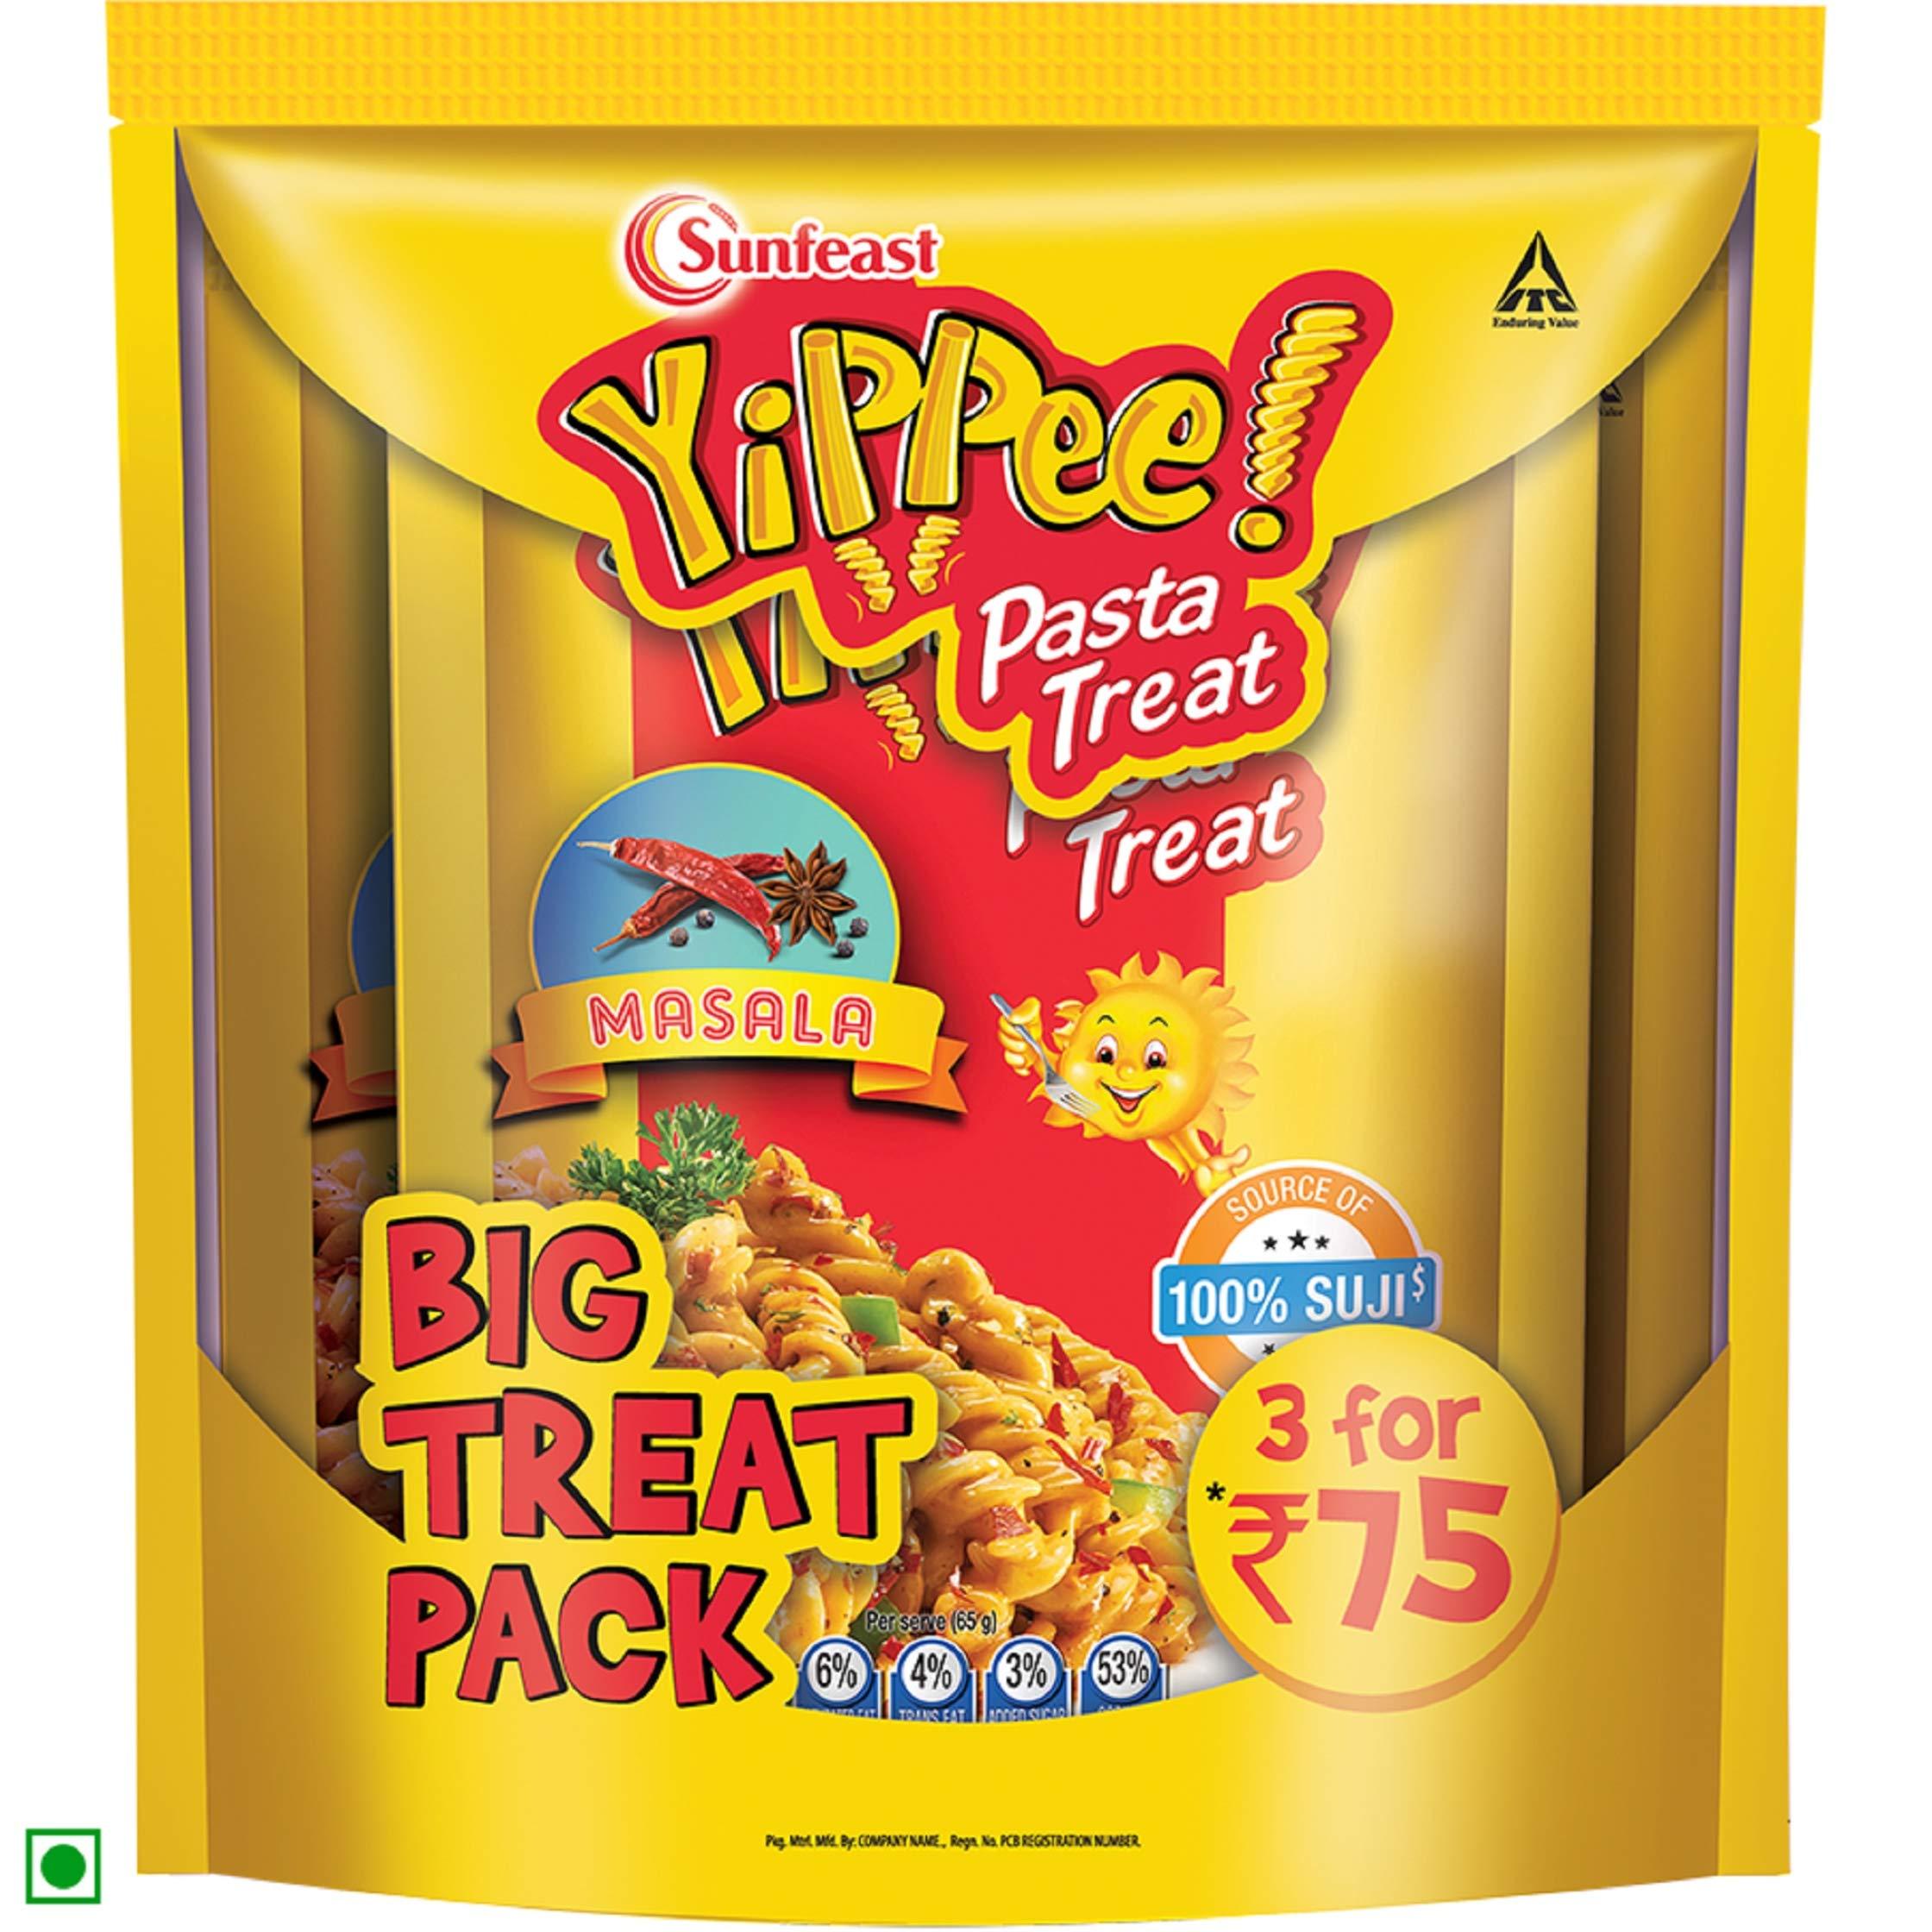 Sunfeast YiPPee! Pasta Treat | Cheesy and Soft Suji, Rawa Pasta | Masala | 195g Pack